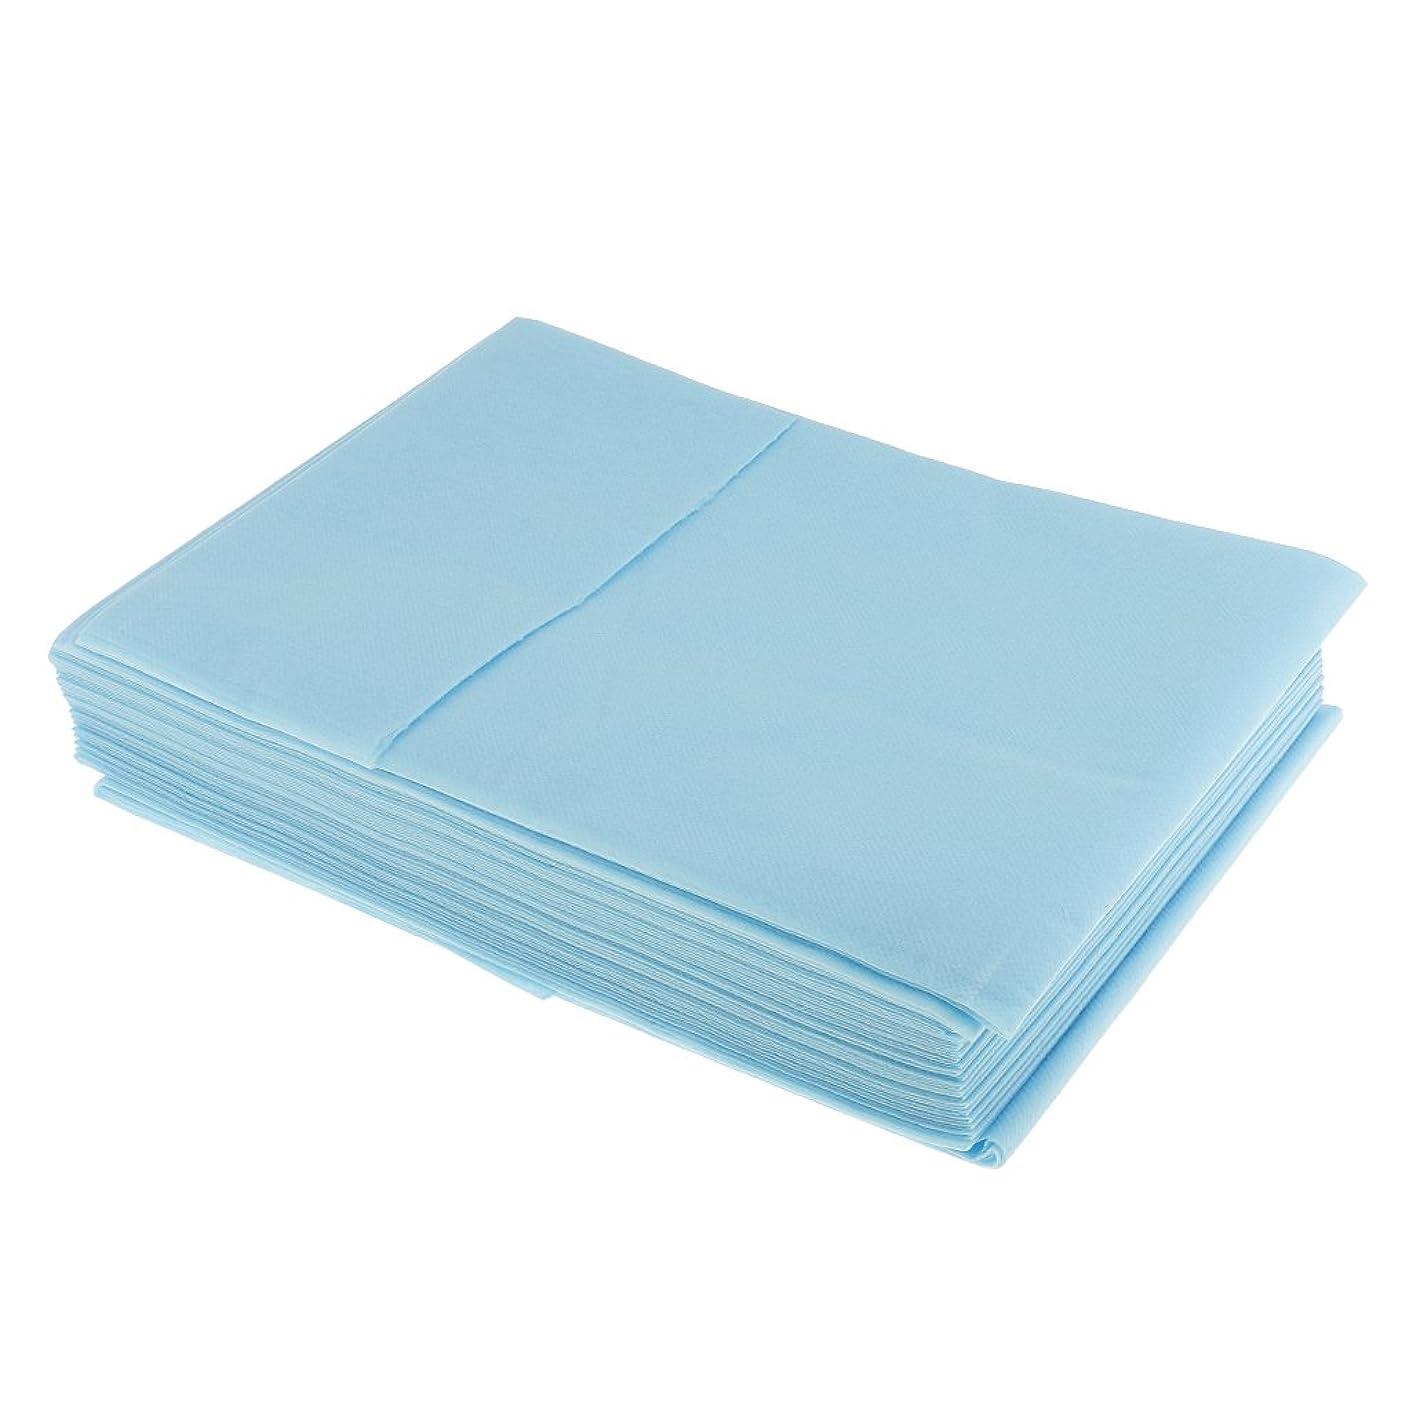 めったに無効にする建築家Perfk 10枚入り 使い捨て 衛生シート ベッドパッド 旅行用 美容室/マッサージ/サロン/ホテル 店舗用品 全3色選べ - 青